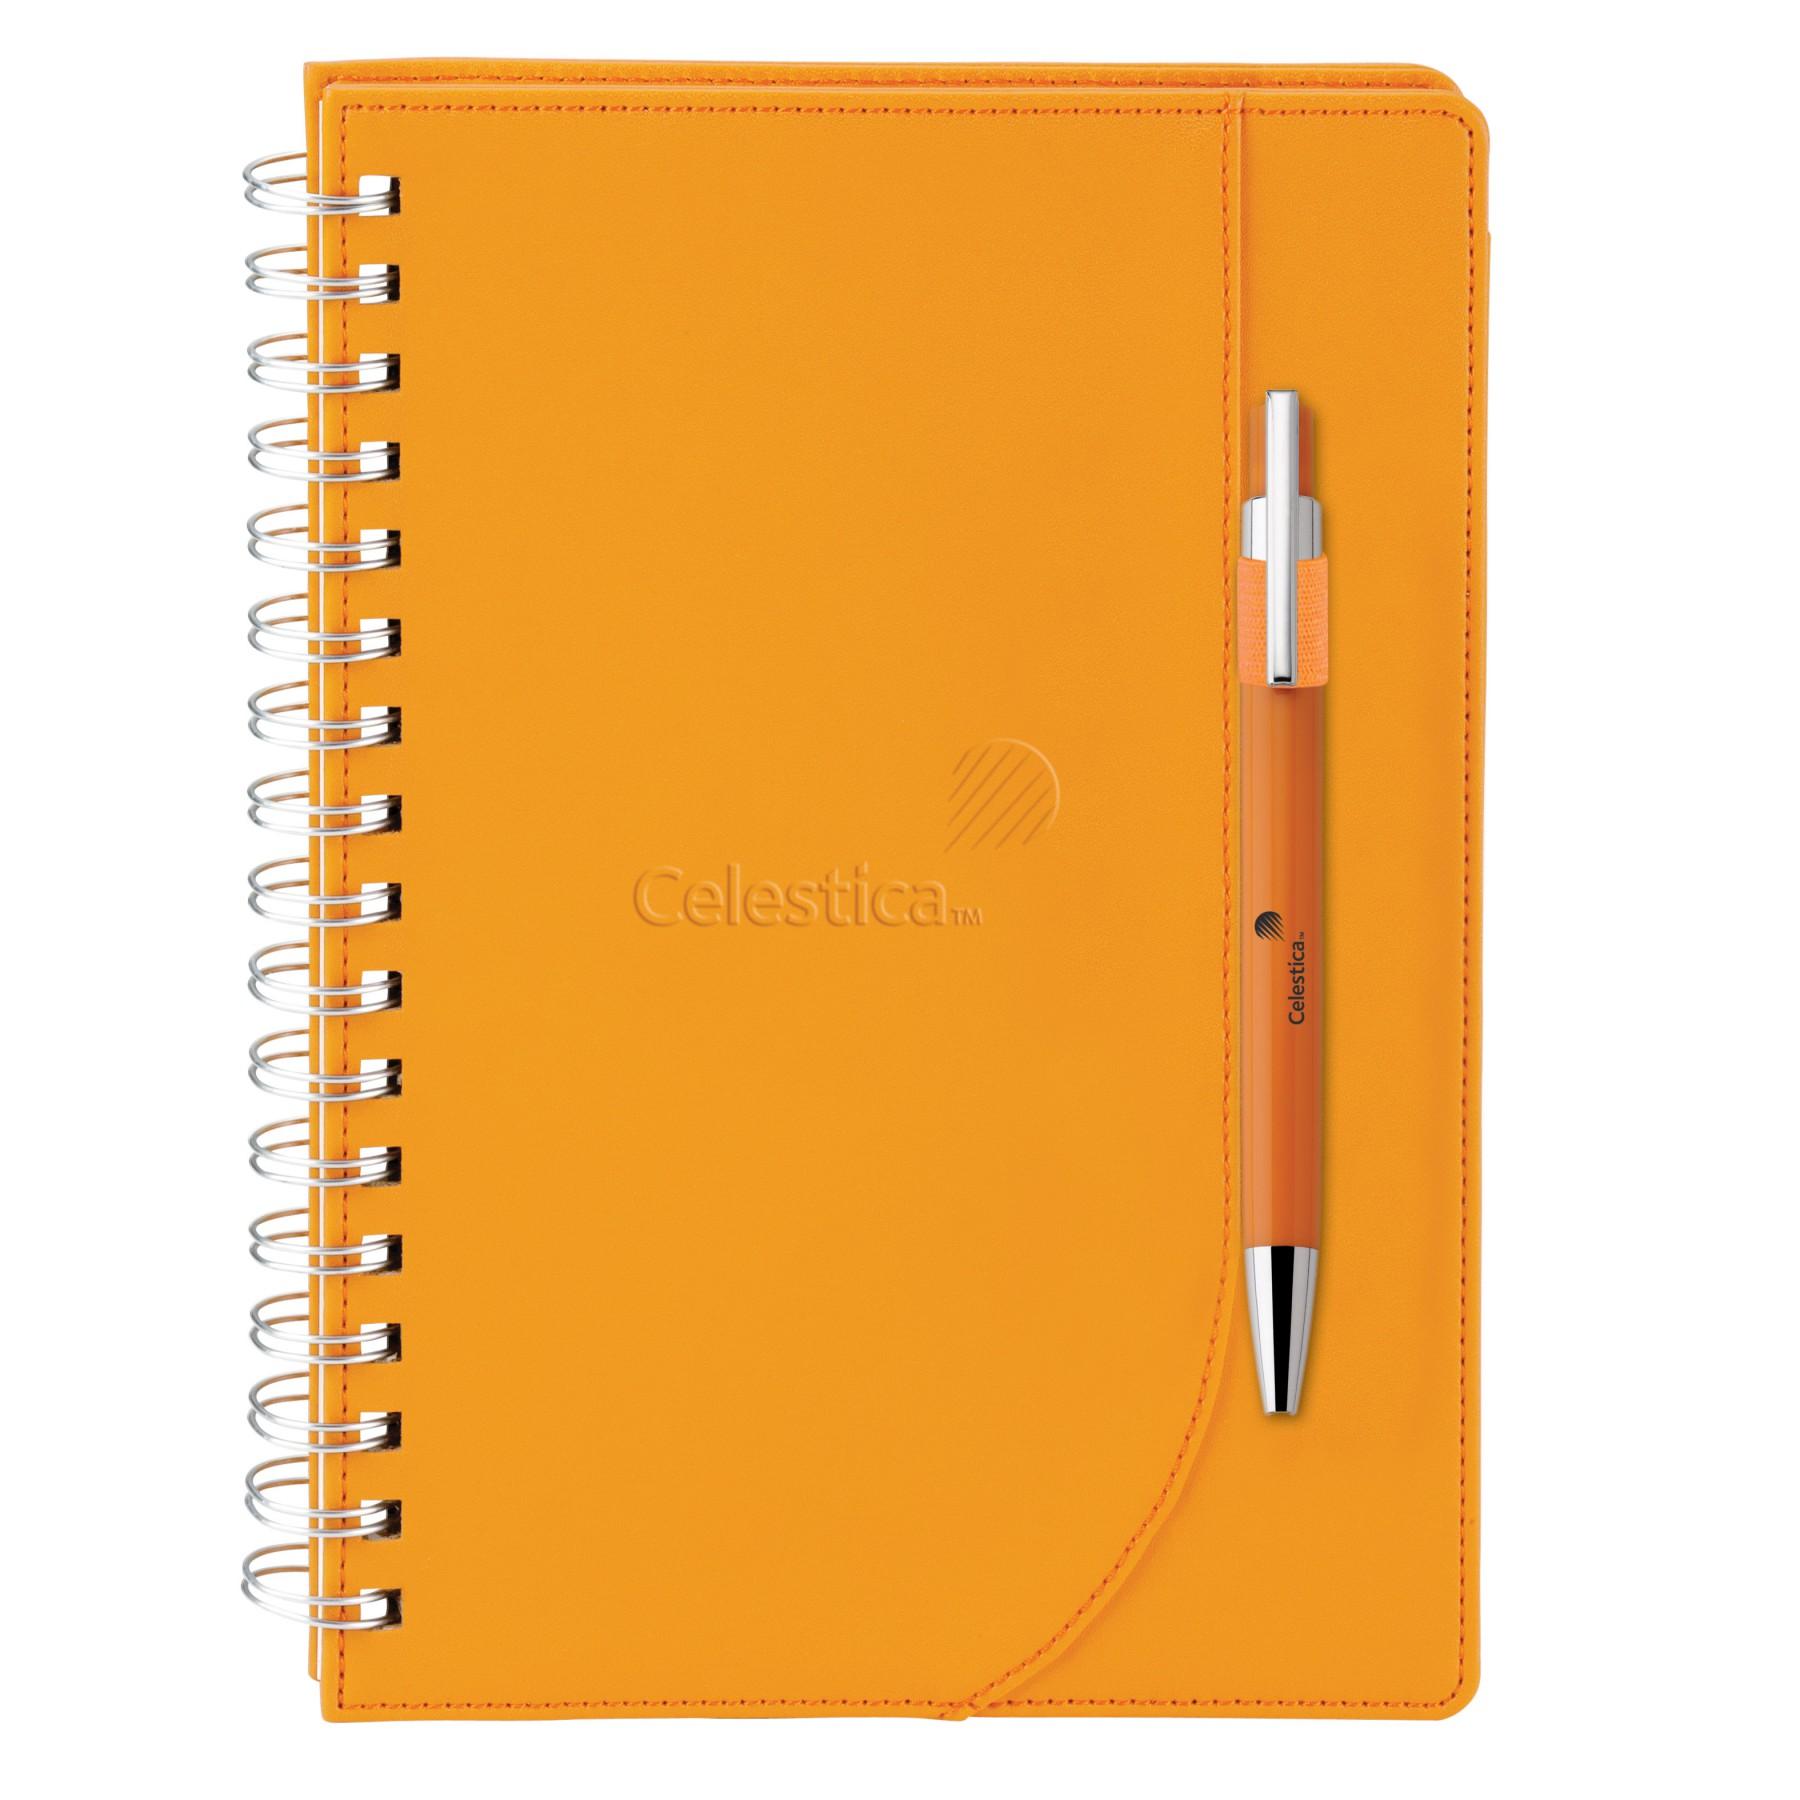 NEOSKIN® JOURNAL COMBO - 1 Colour Imprint (ST4127)